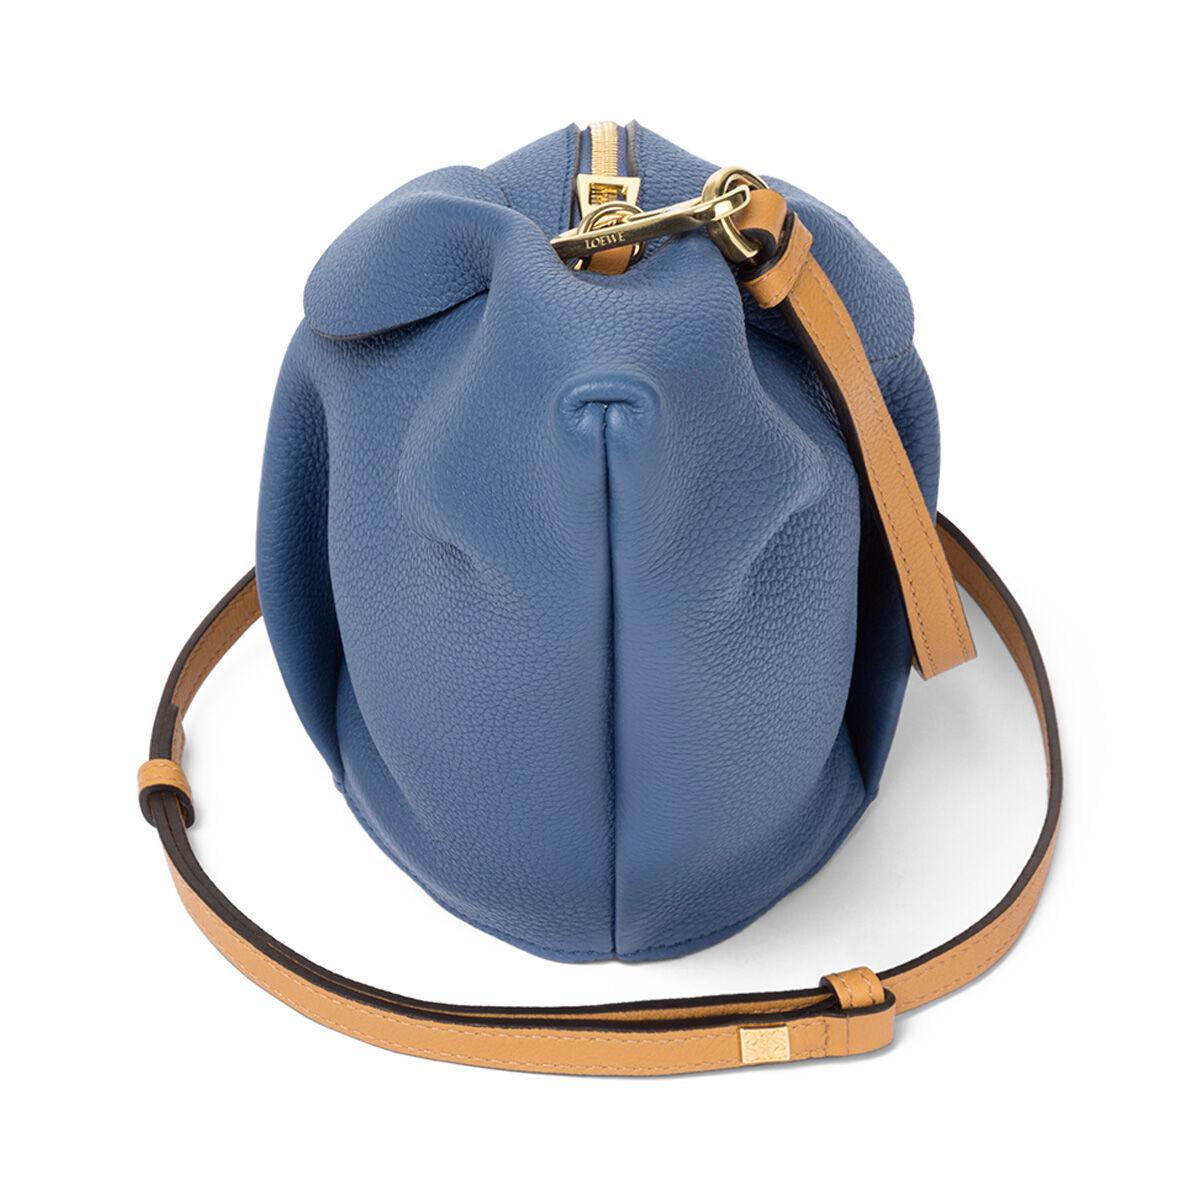 LOEWE Bunny Mini Bag Varsity Blue/Pecan Color all